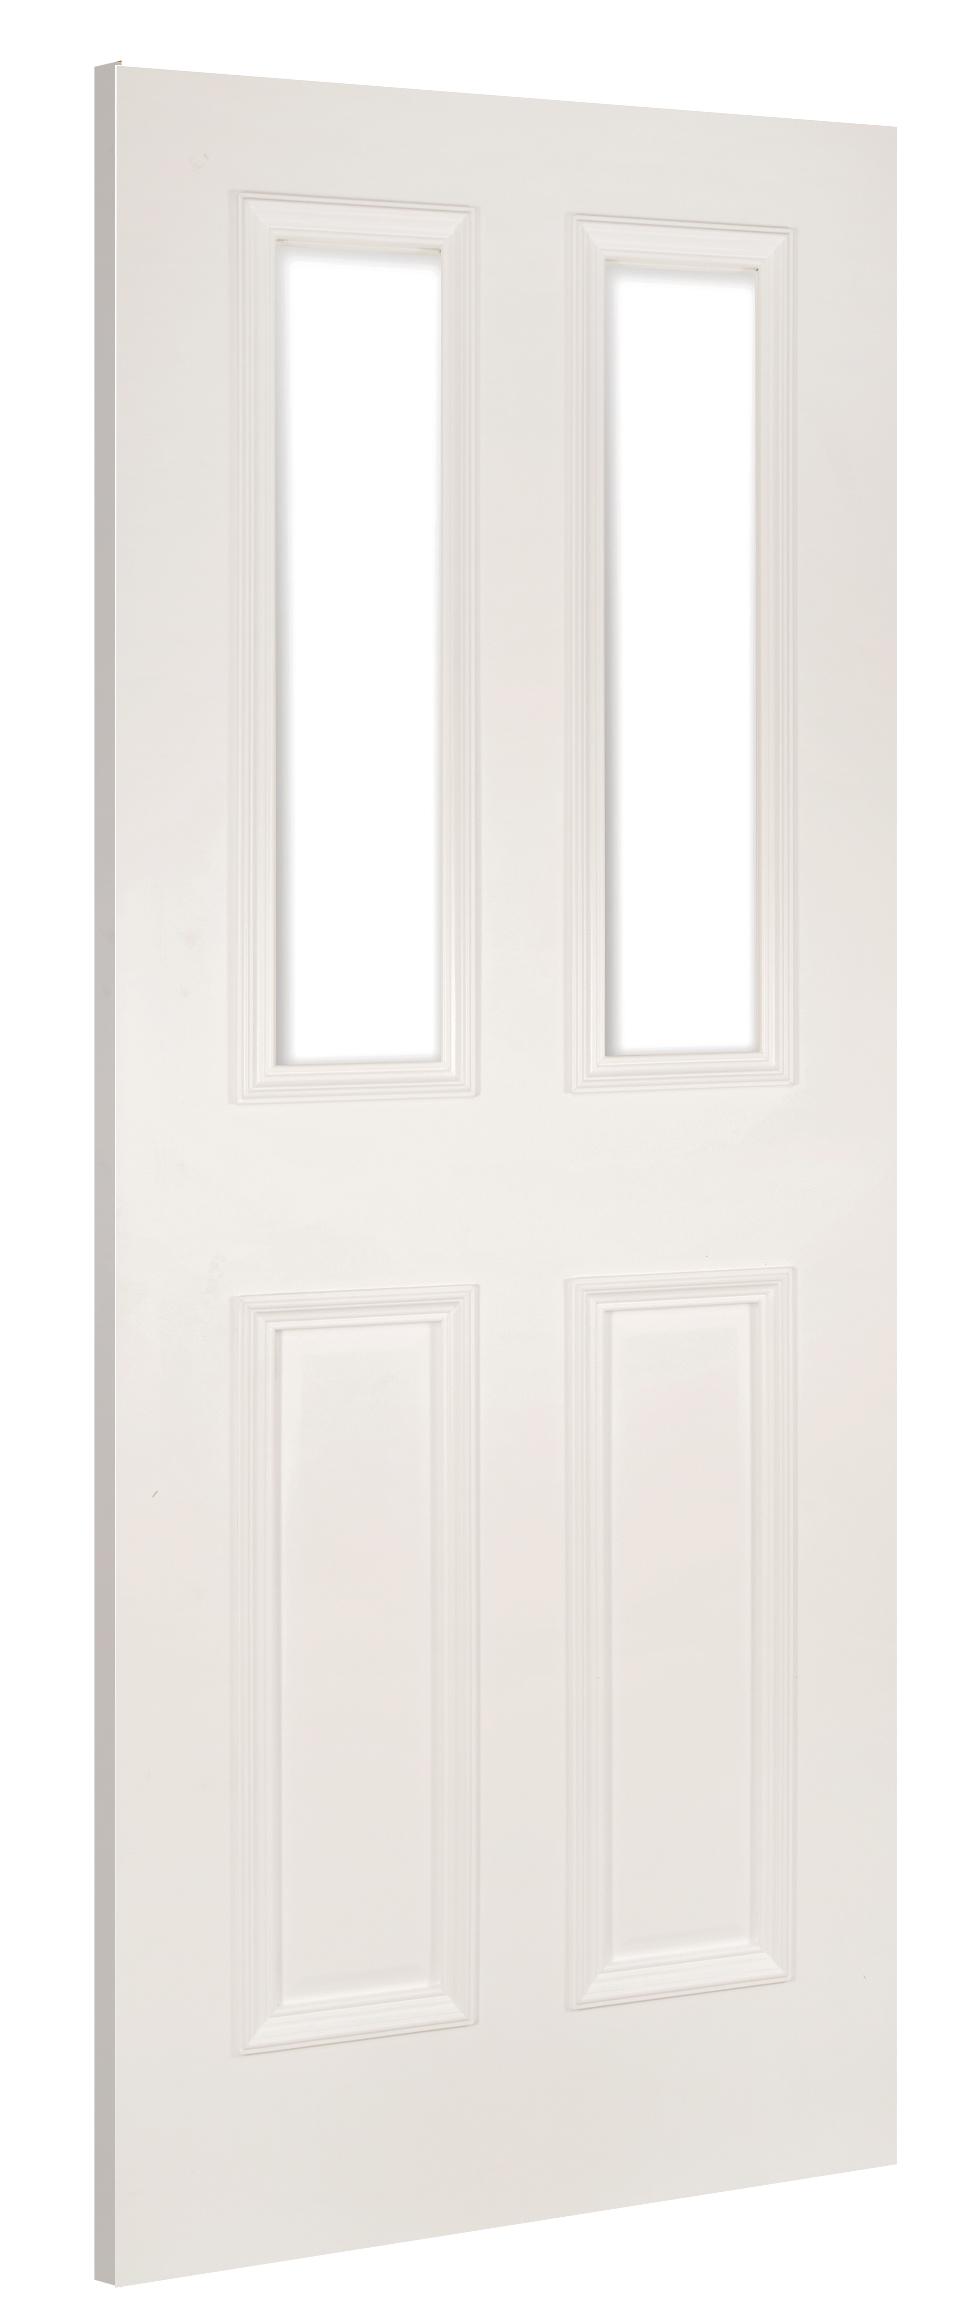 Primed Doors WR1G-UNG